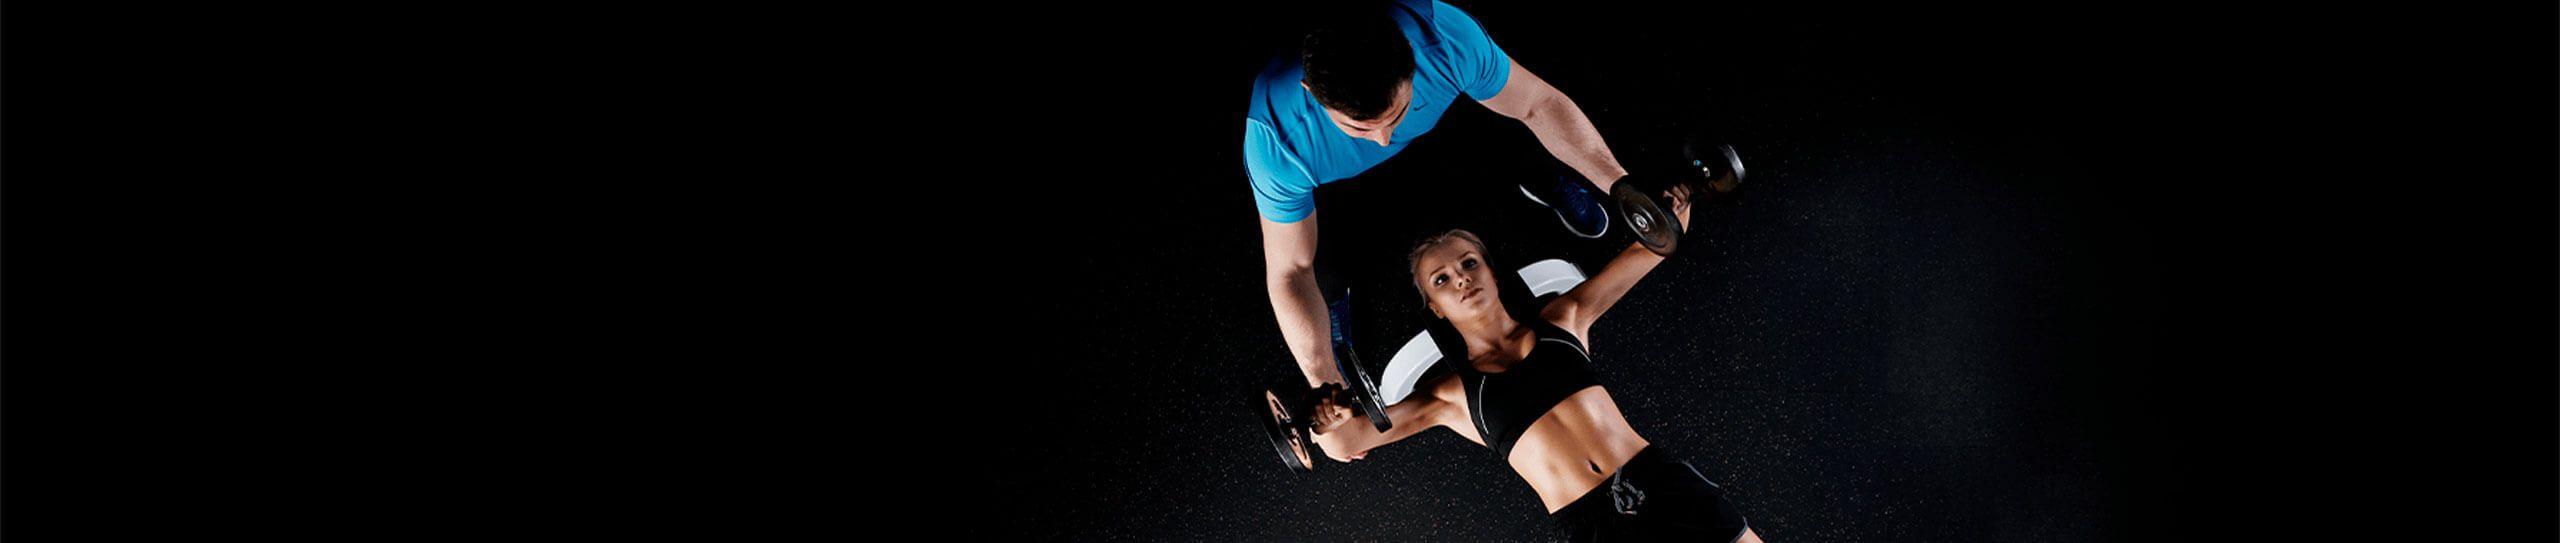 Конкурс профессионального мастерства фитнес-тренеров